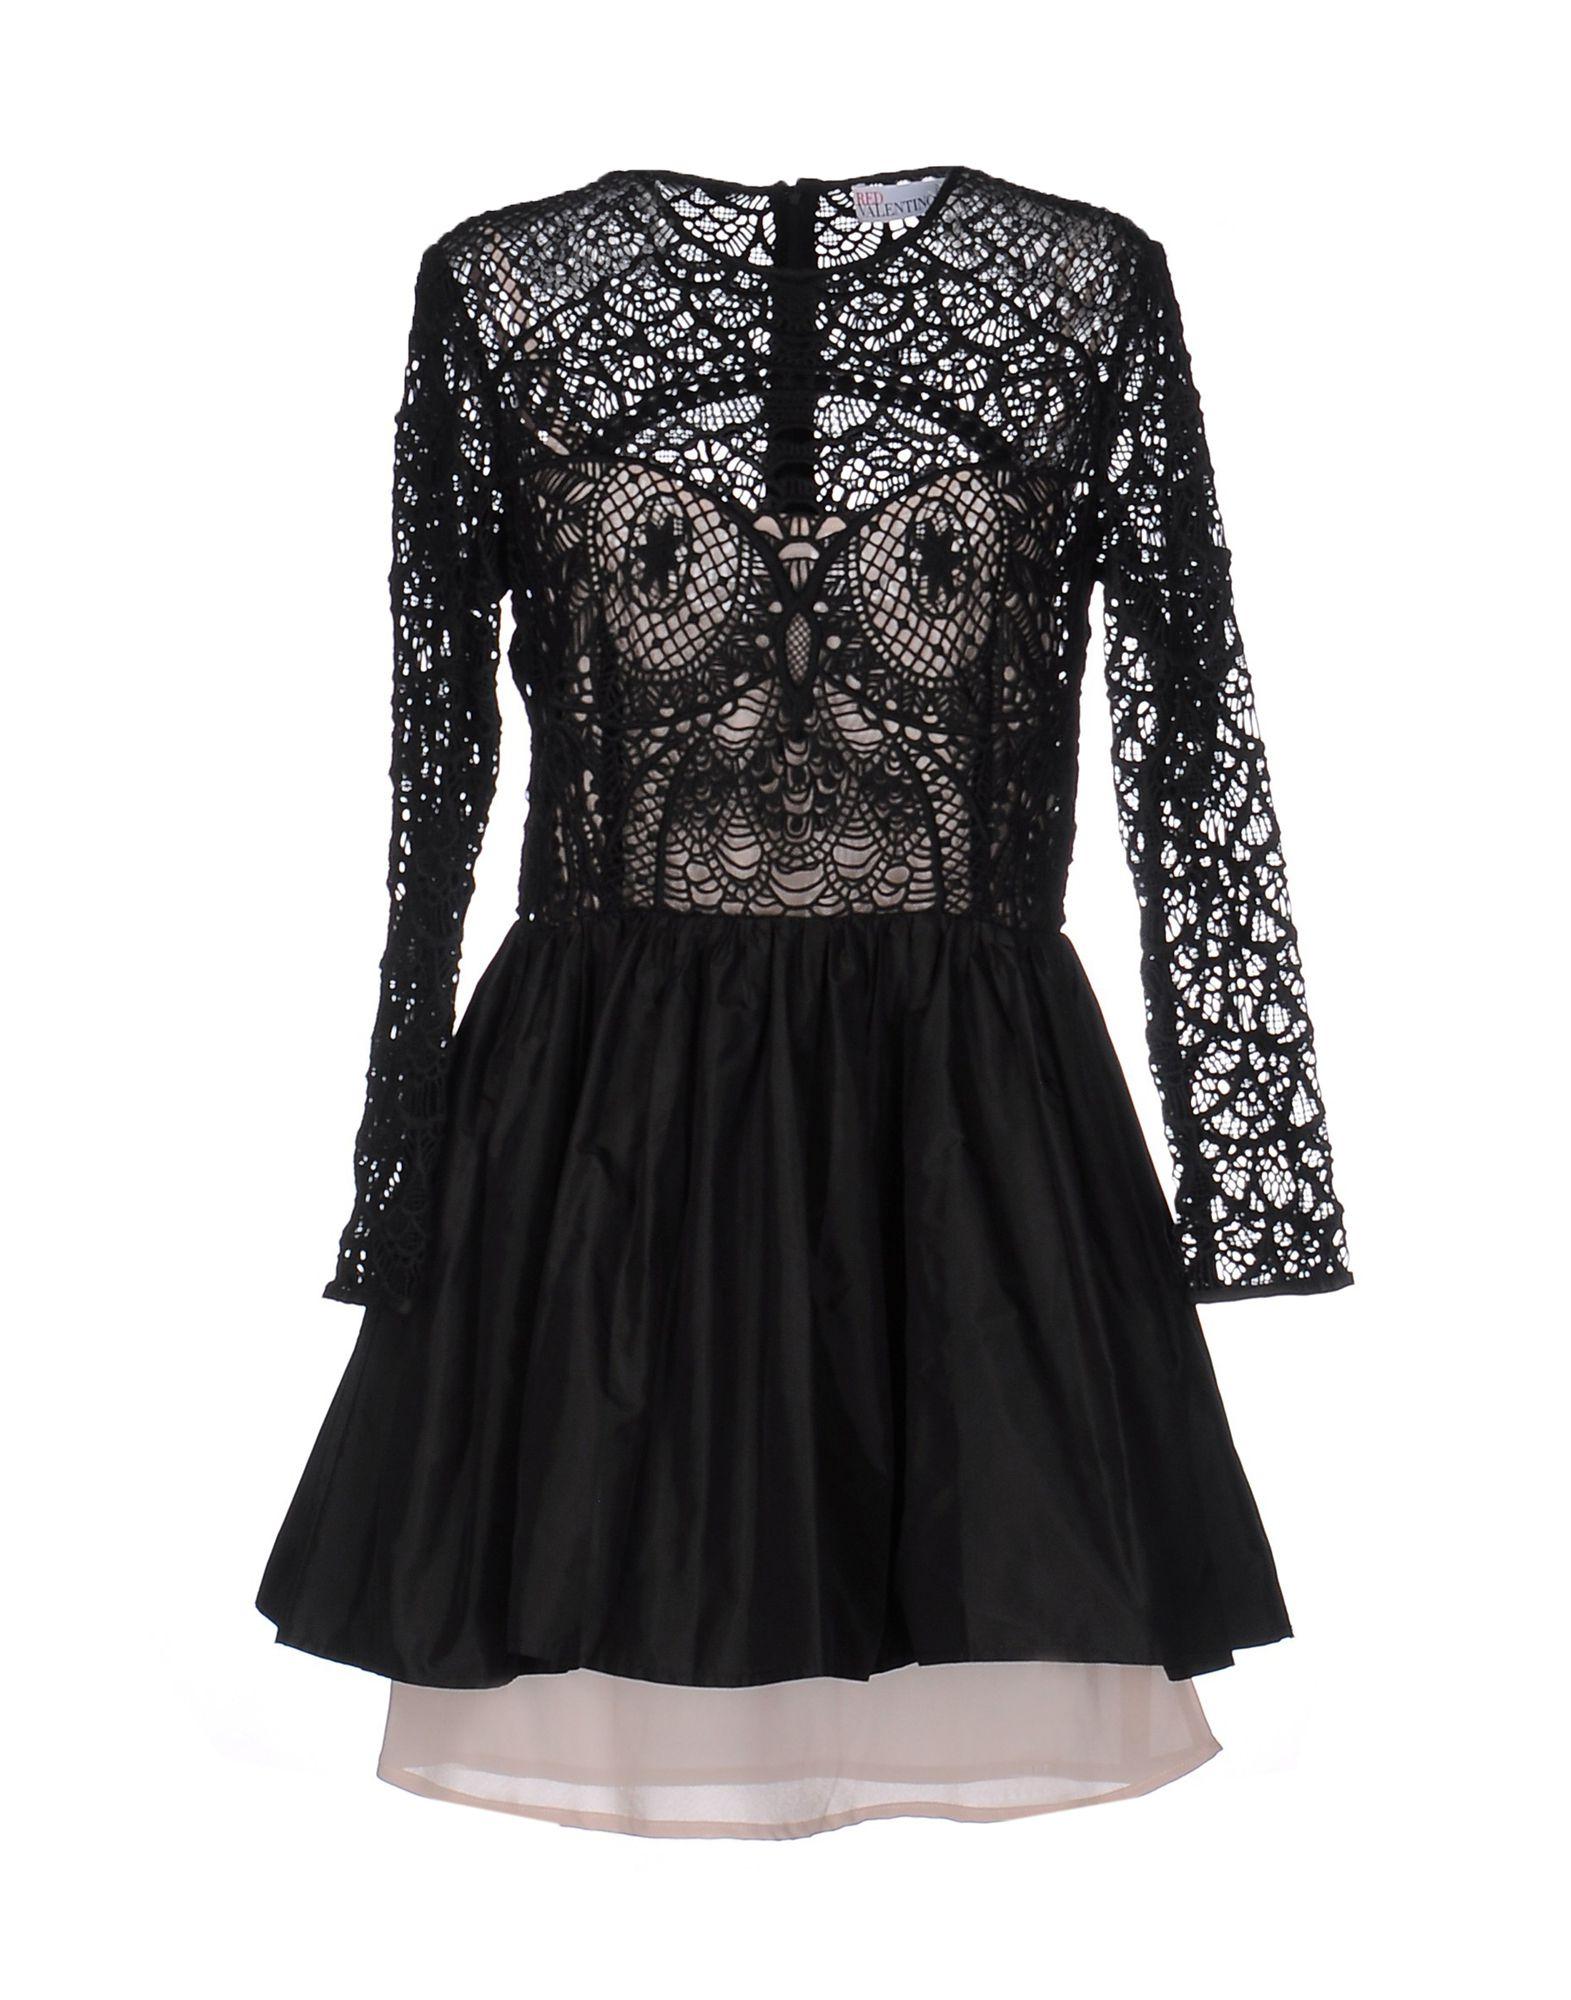 REDValentino Damen Kurzes Kleid Farbe Schwarz Größe 6 - broschei